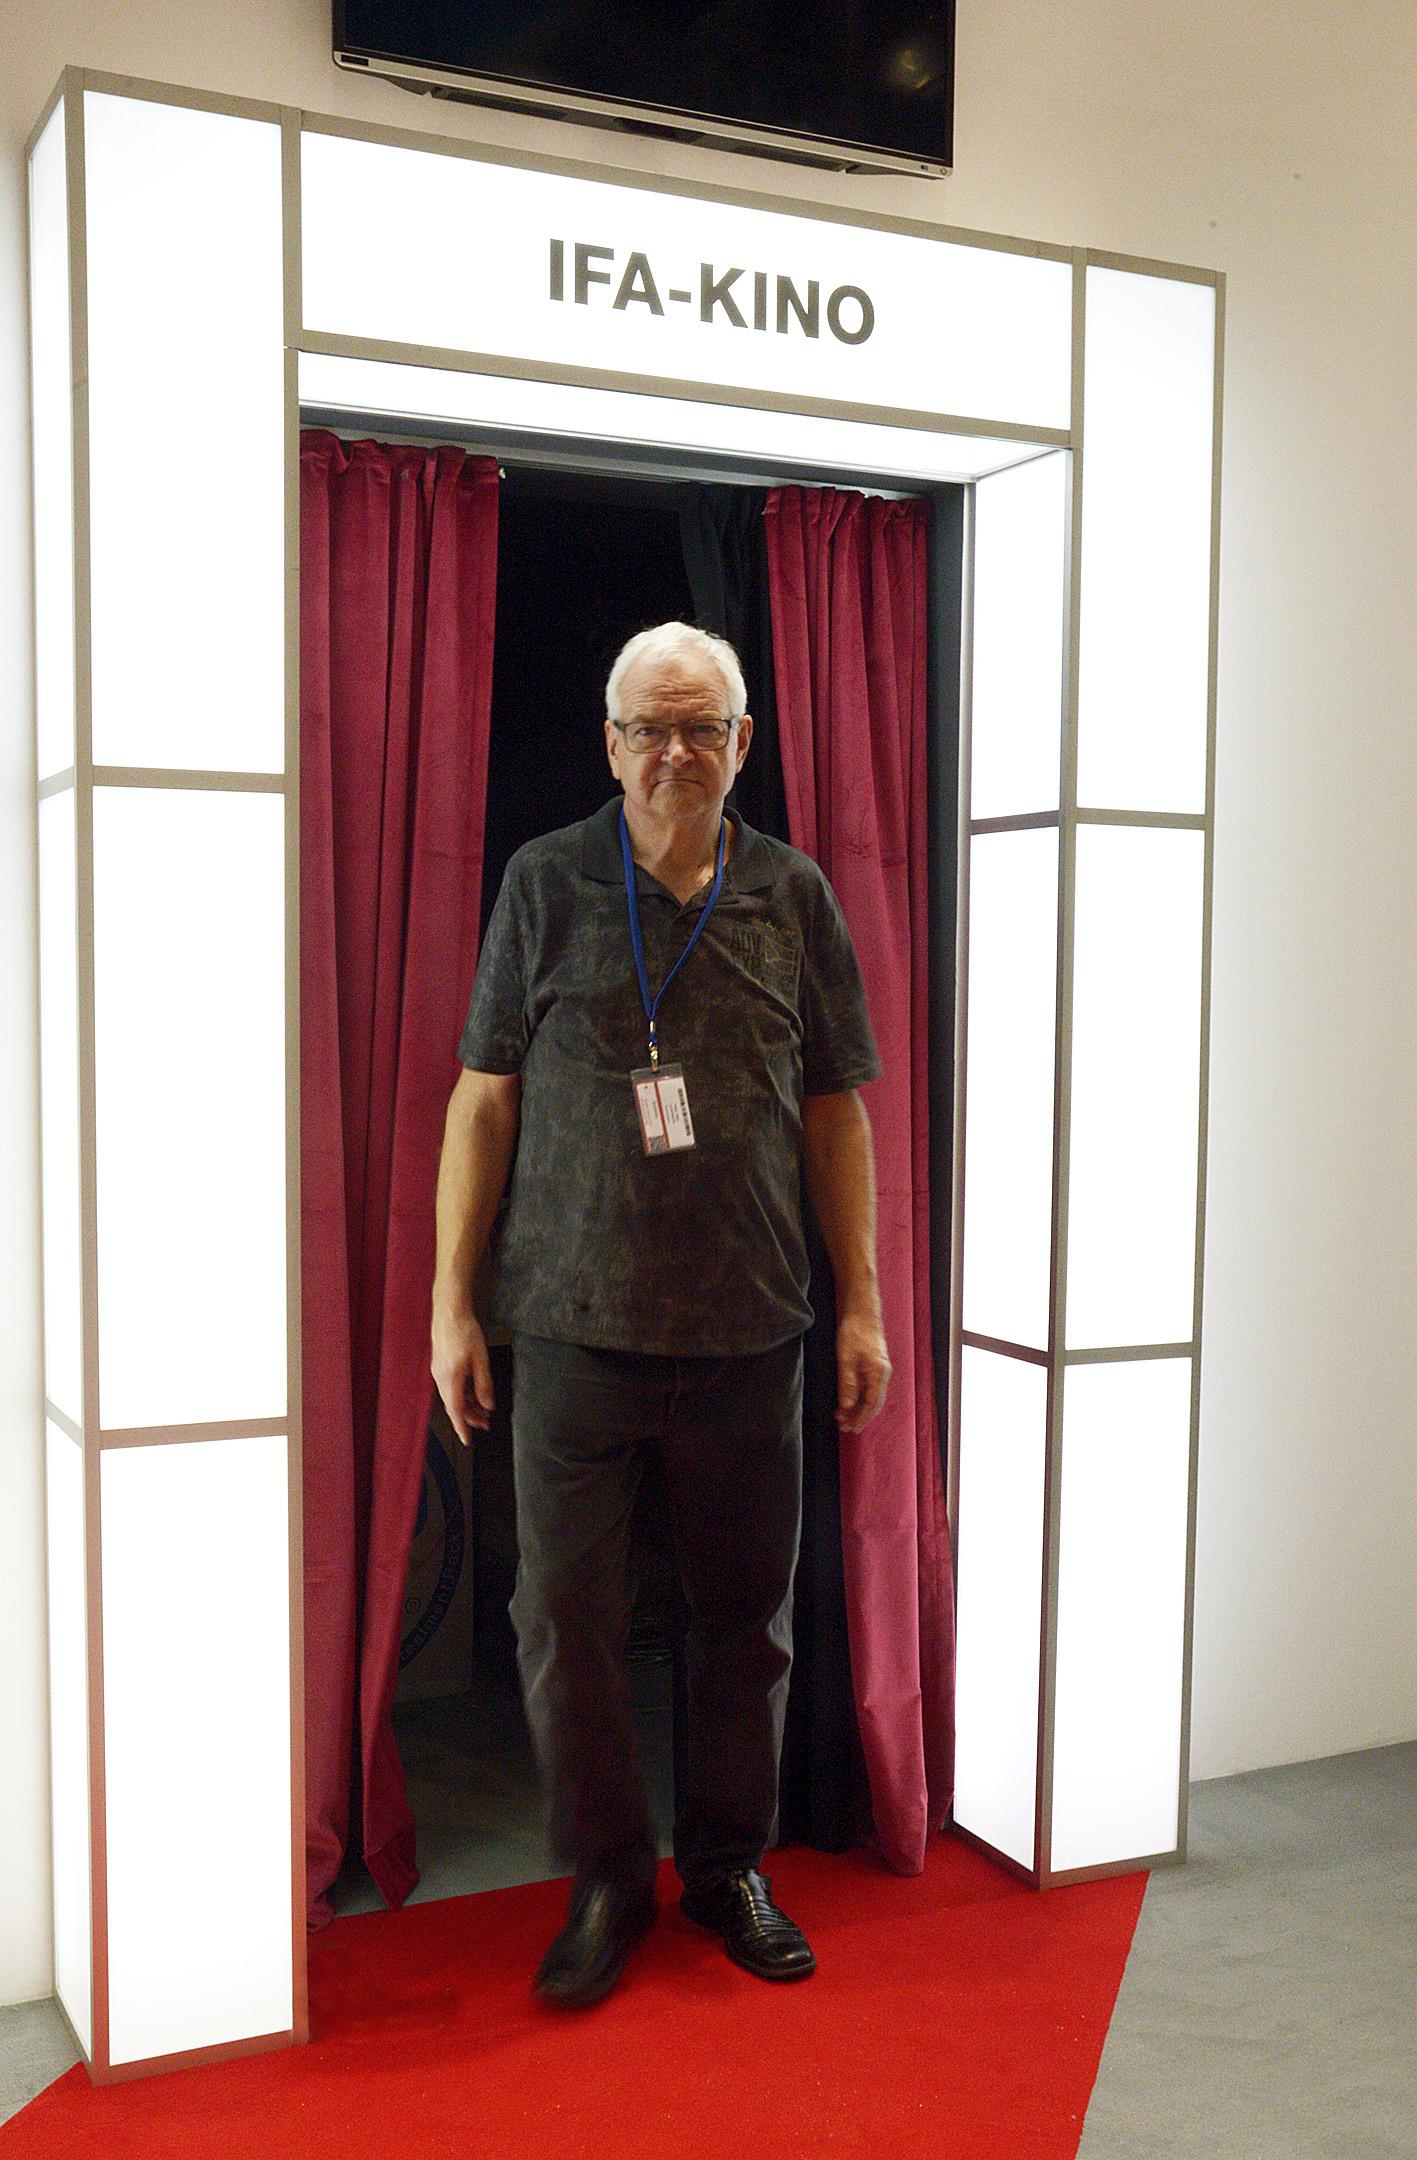 Foto: Michael B. Rehders Leider noch nicht fertig. Das IFA-KINO. Trotzdem beantwortet mir Peter Hess alle Fragen meine Fragen.